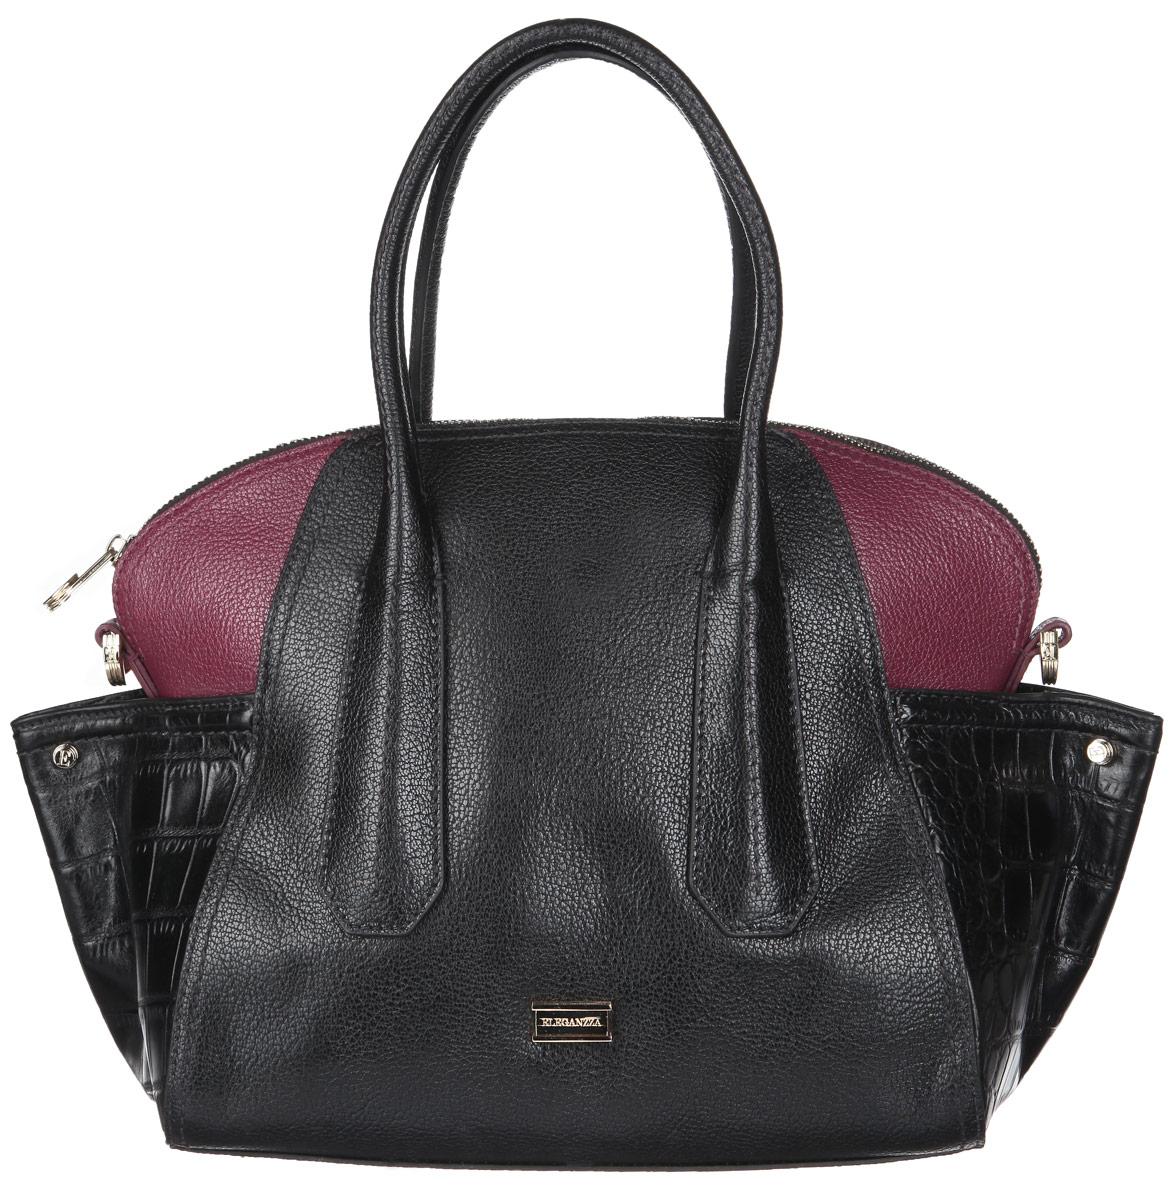 Сумка женская Eleganzza, цвет: черный, бордовый. Z-14243-1Z-14243-1Стильная женская сумка Eleganzza выполнена из натуральной высококачественной кожи с фактурным тиснением и дополнена вставками из кожи под рептилию. Изделие имеет одно основное отделение, закрывающееся на застежку-молнию. Внутри находятся два открытых накладных кармана и прорезной карман на застежке-молнии. Сумка оснащена двумя удобными ручками. В комплект входит съемный плечевой ремень, который регулируется по длине, и фирменный чехол. Основание защищено от повреждений металлическими ножками. Сумка Eleganzza - это стильный аксессуар, который подчеркнет вашу изысканность и индивидуальность и сделает ваш образ завершенным.